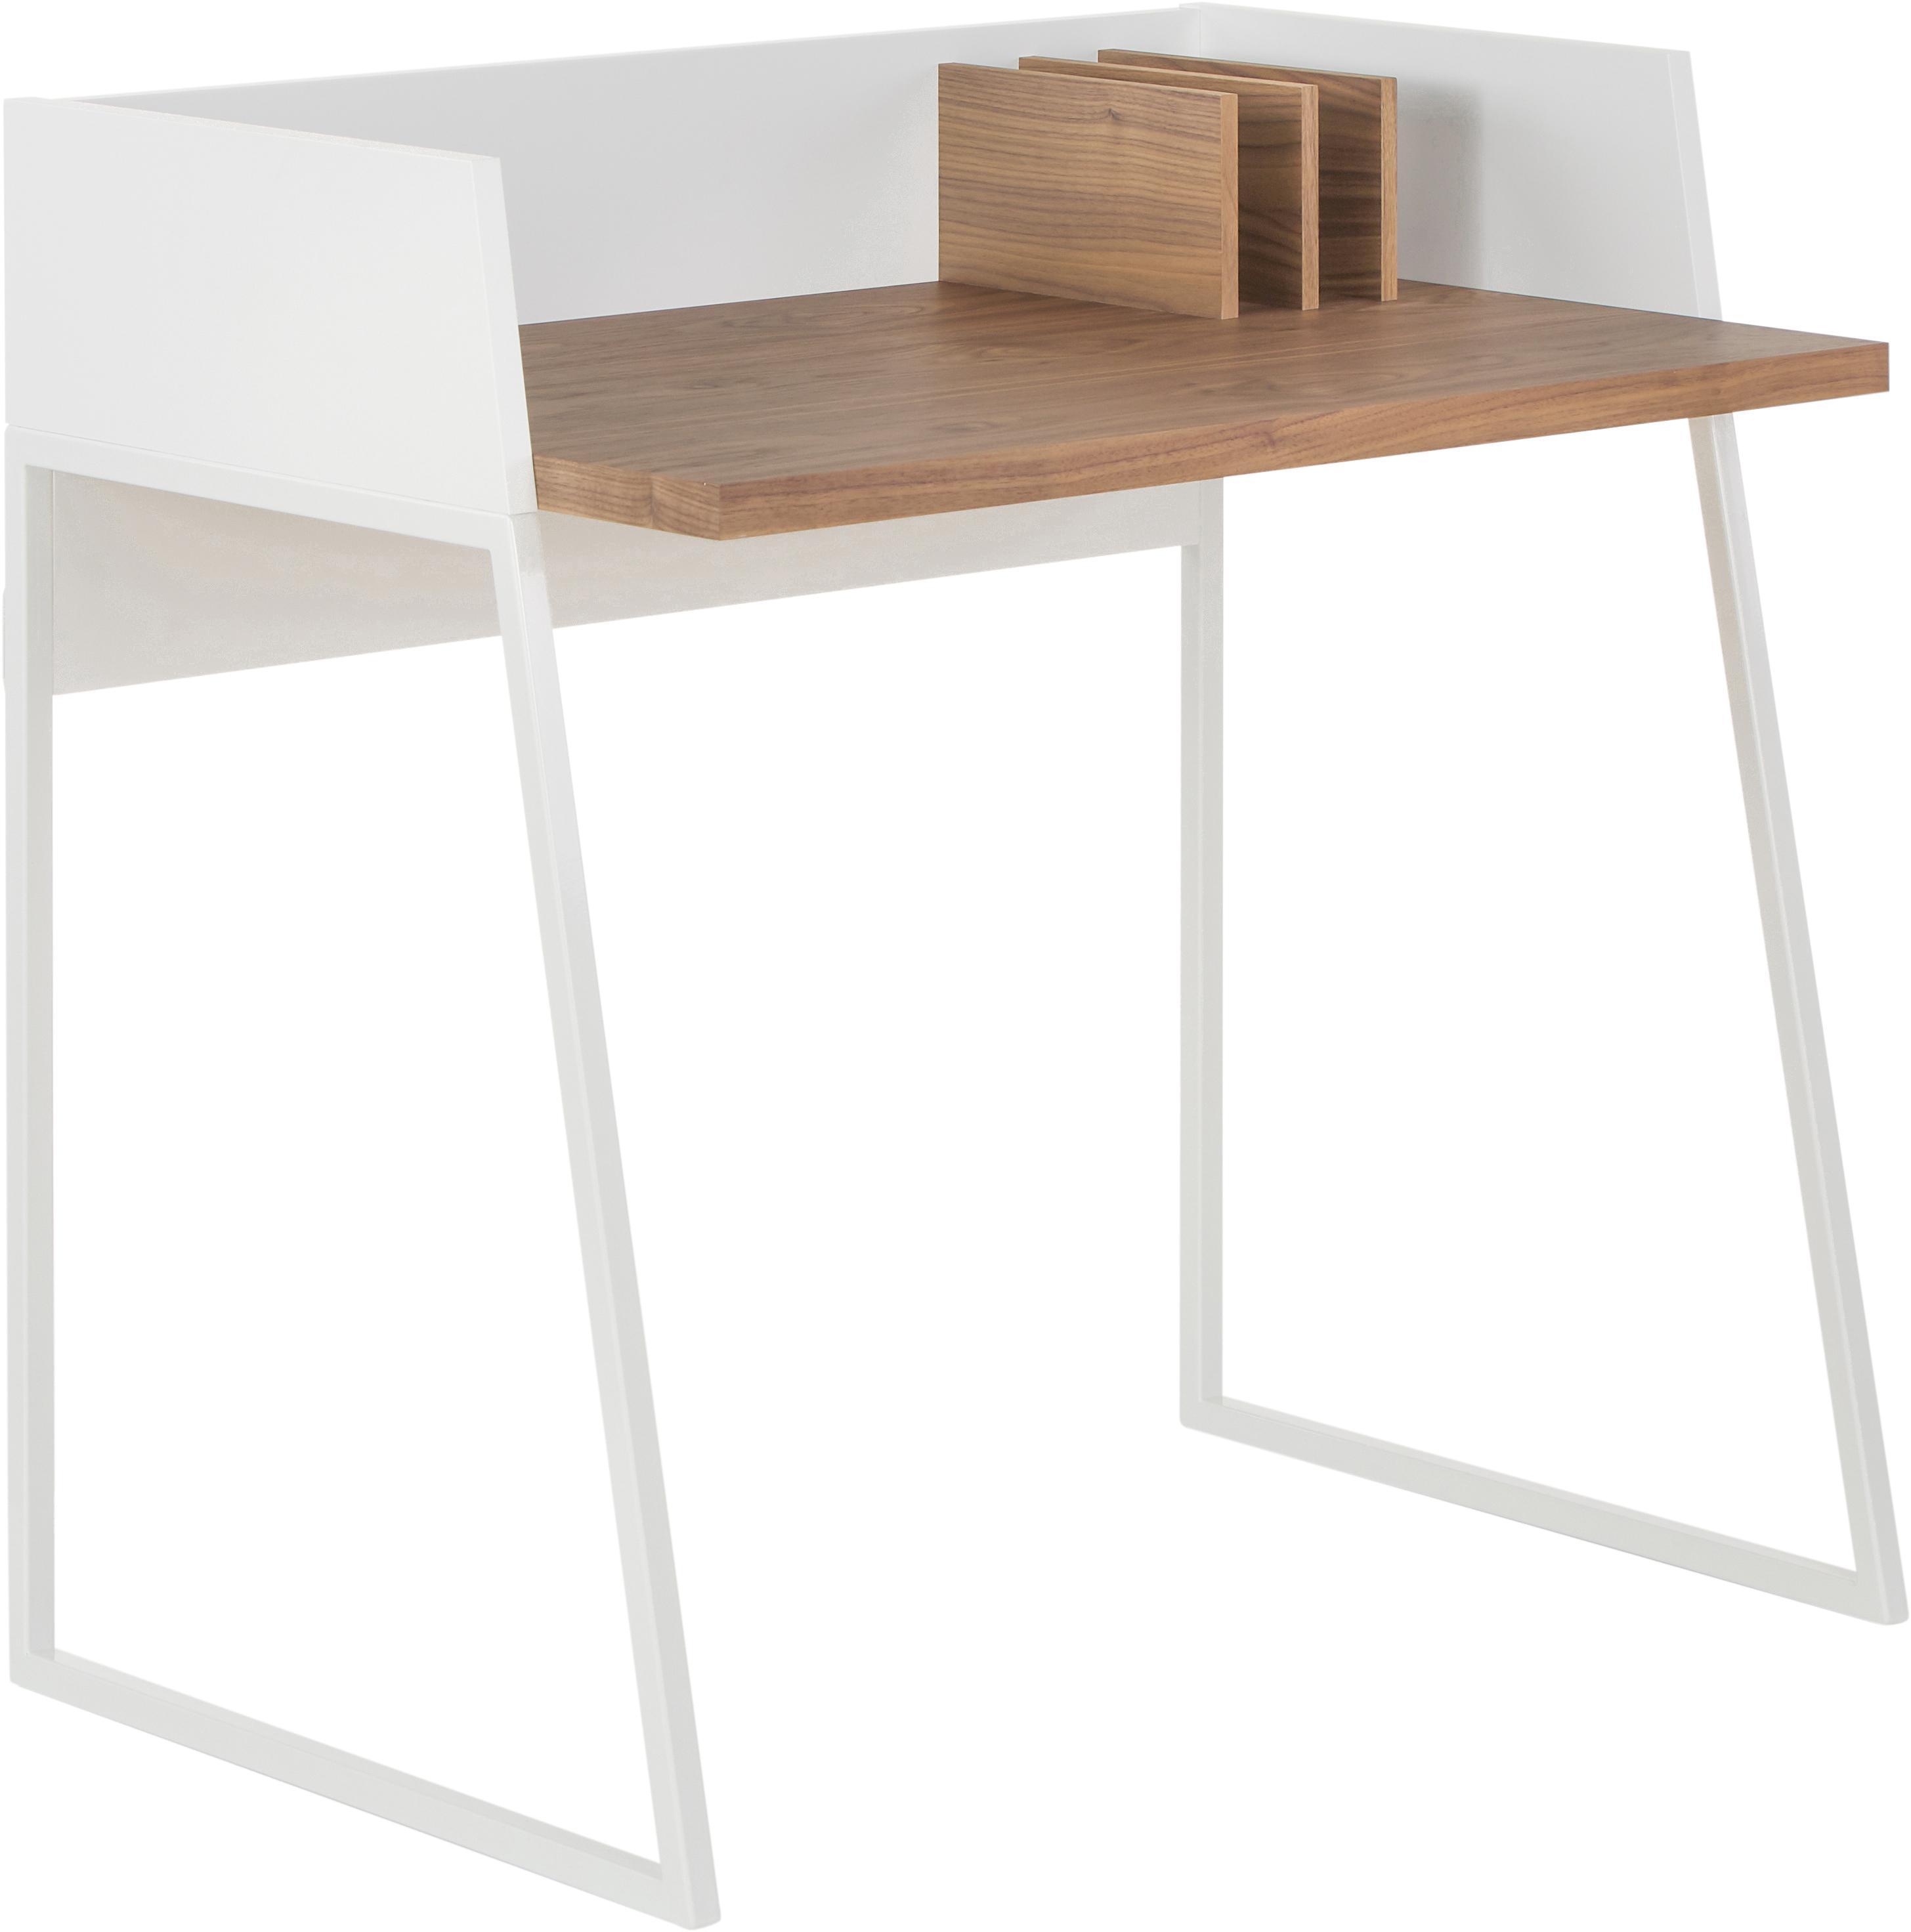 Kleiner Schreibtisch Camille mit Ablage, Beine: Metall, lackiert, Walnussholz, Weiss, B 90 x T 60 cm